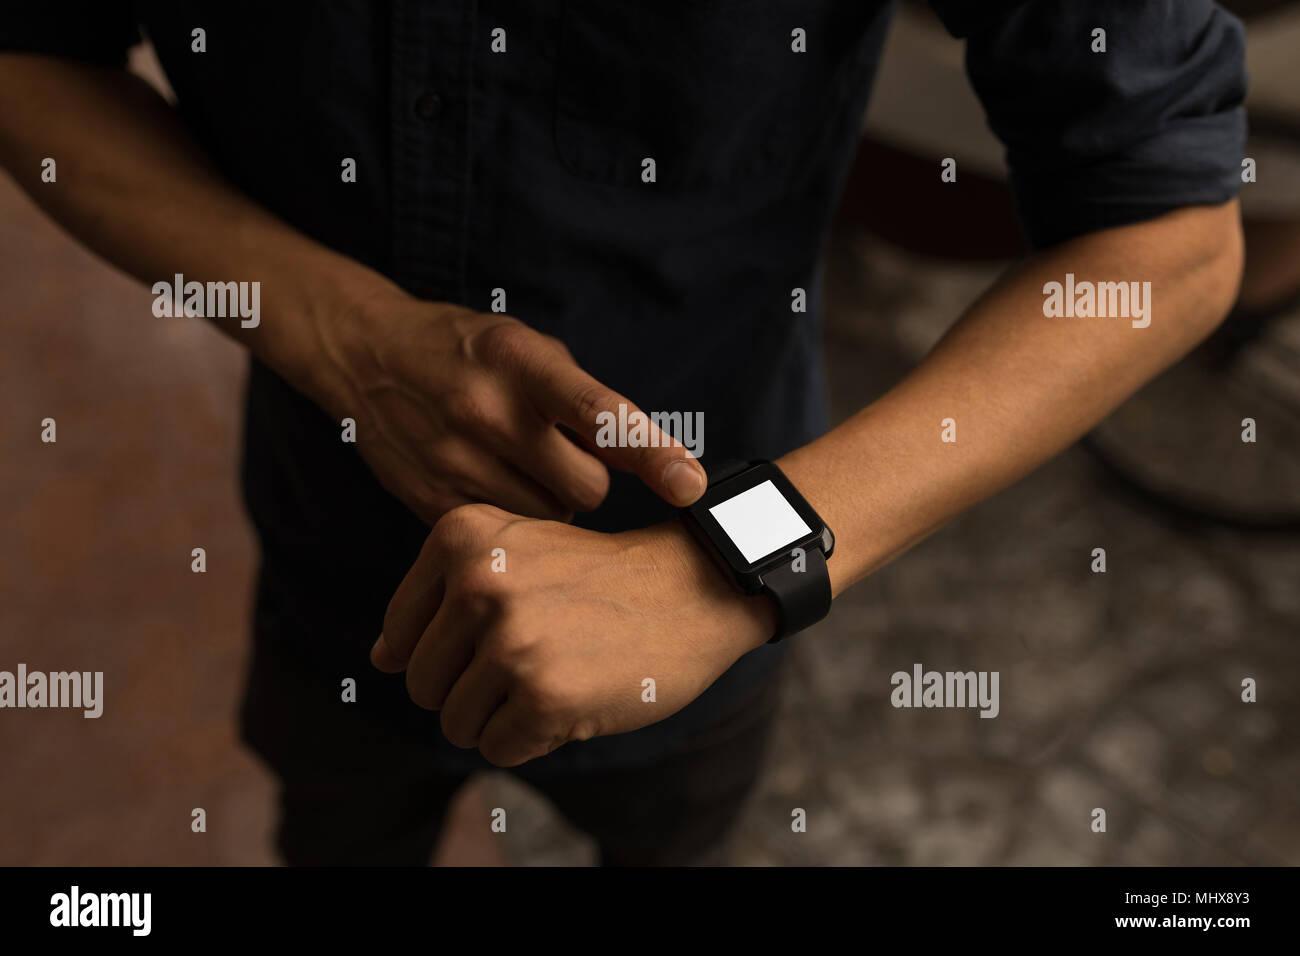 Imprenditore utilizzando smartwatch Immagini Stock